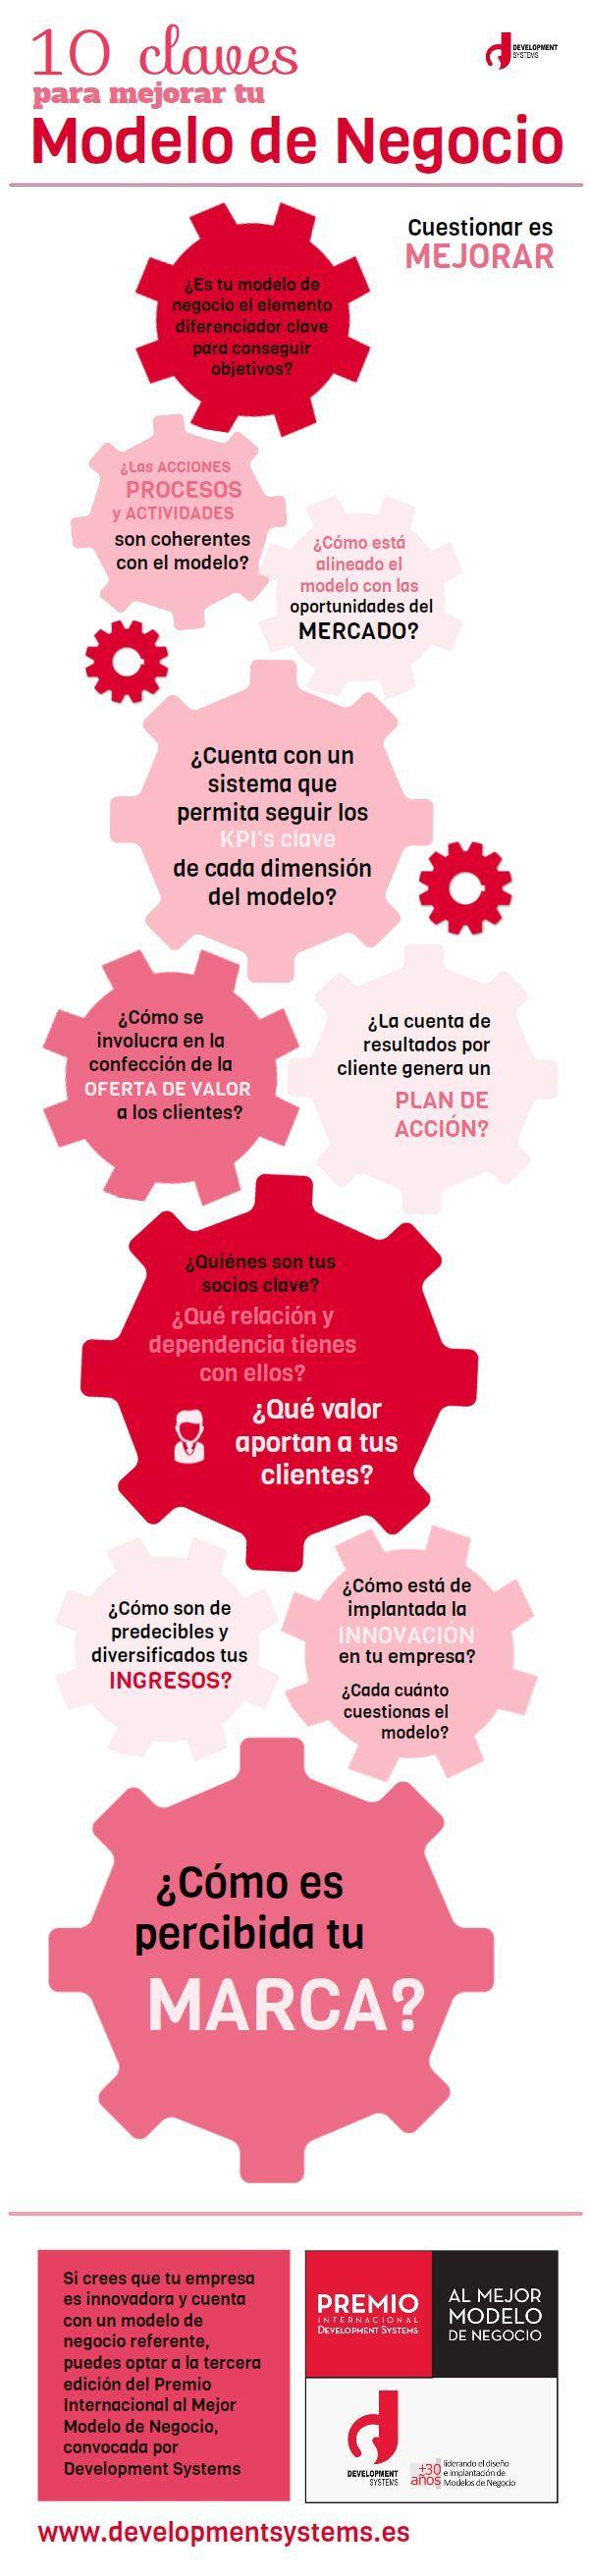 10 claves para mejorar tu modelo de negocio #infografia #infographic #marketing